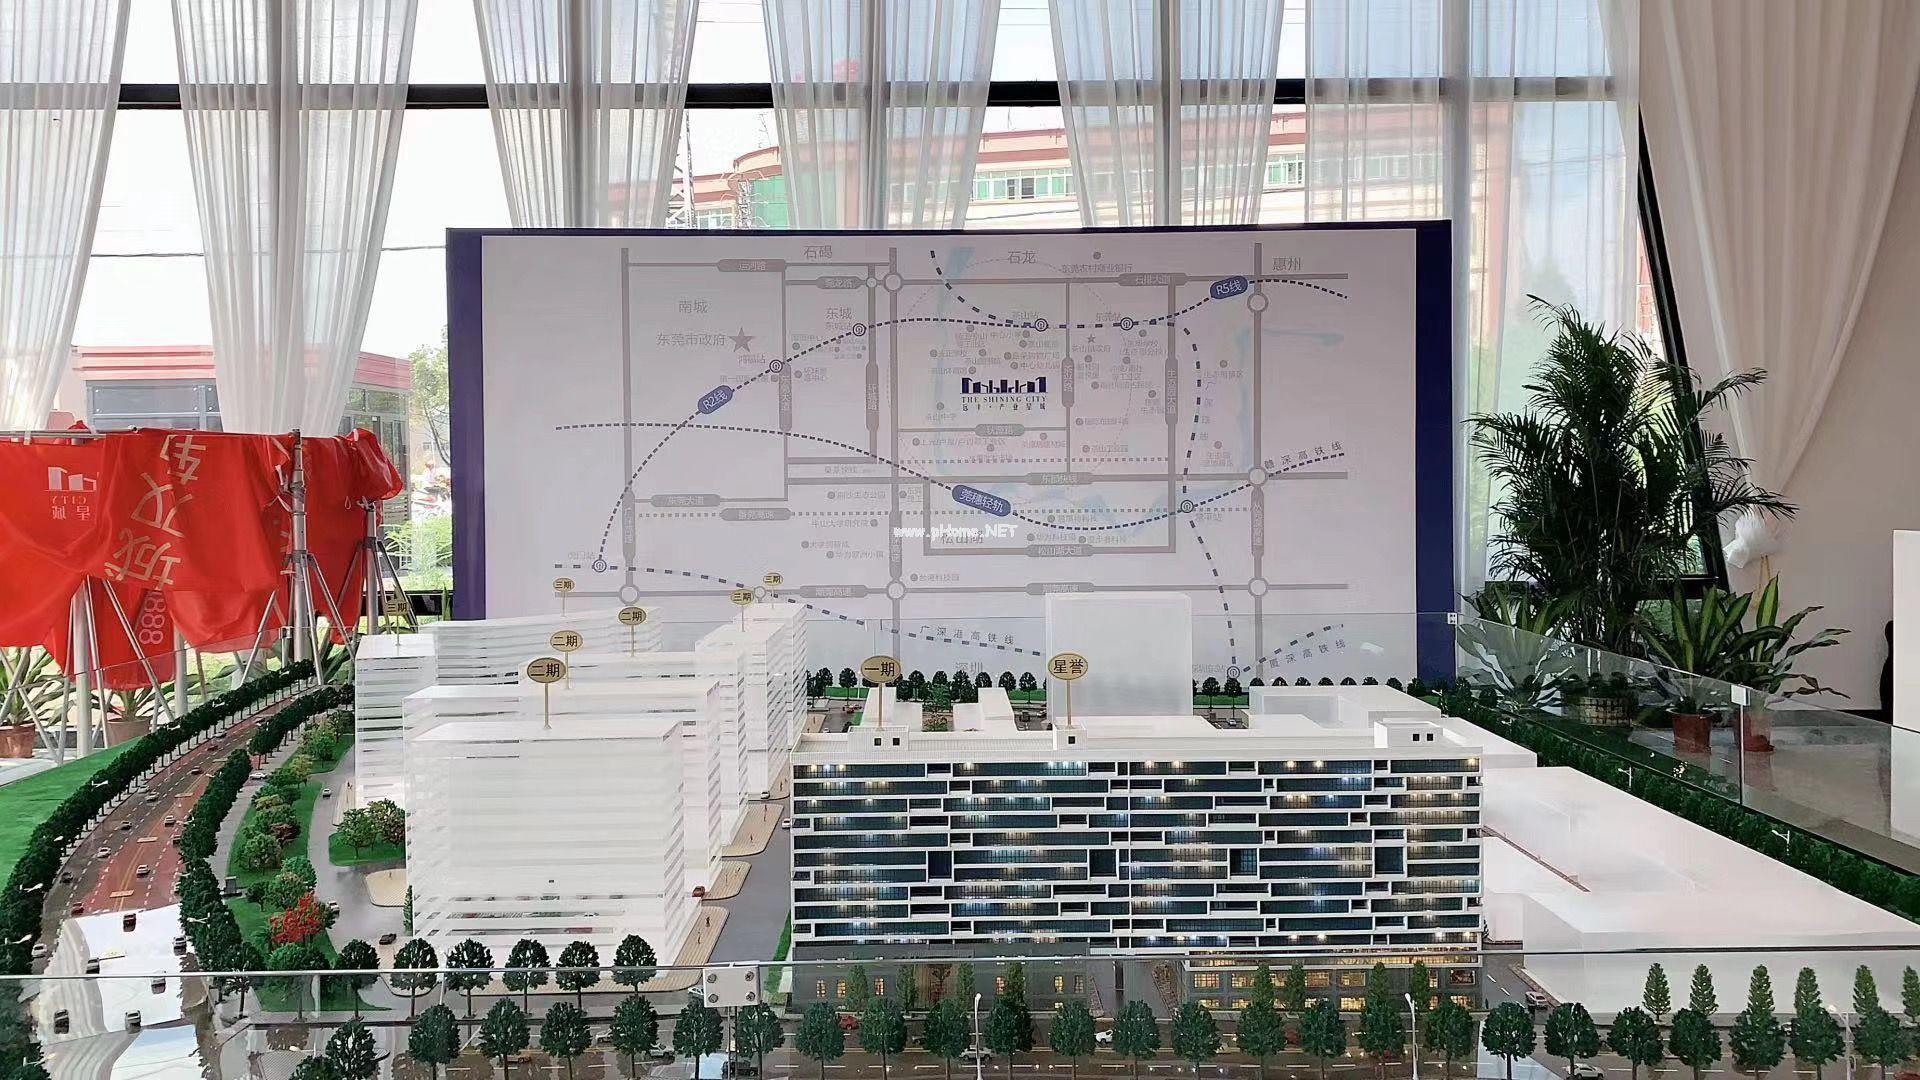 东莞茶山新楼盘小产权房-远丰星城48栋花园社区首付5万/套起